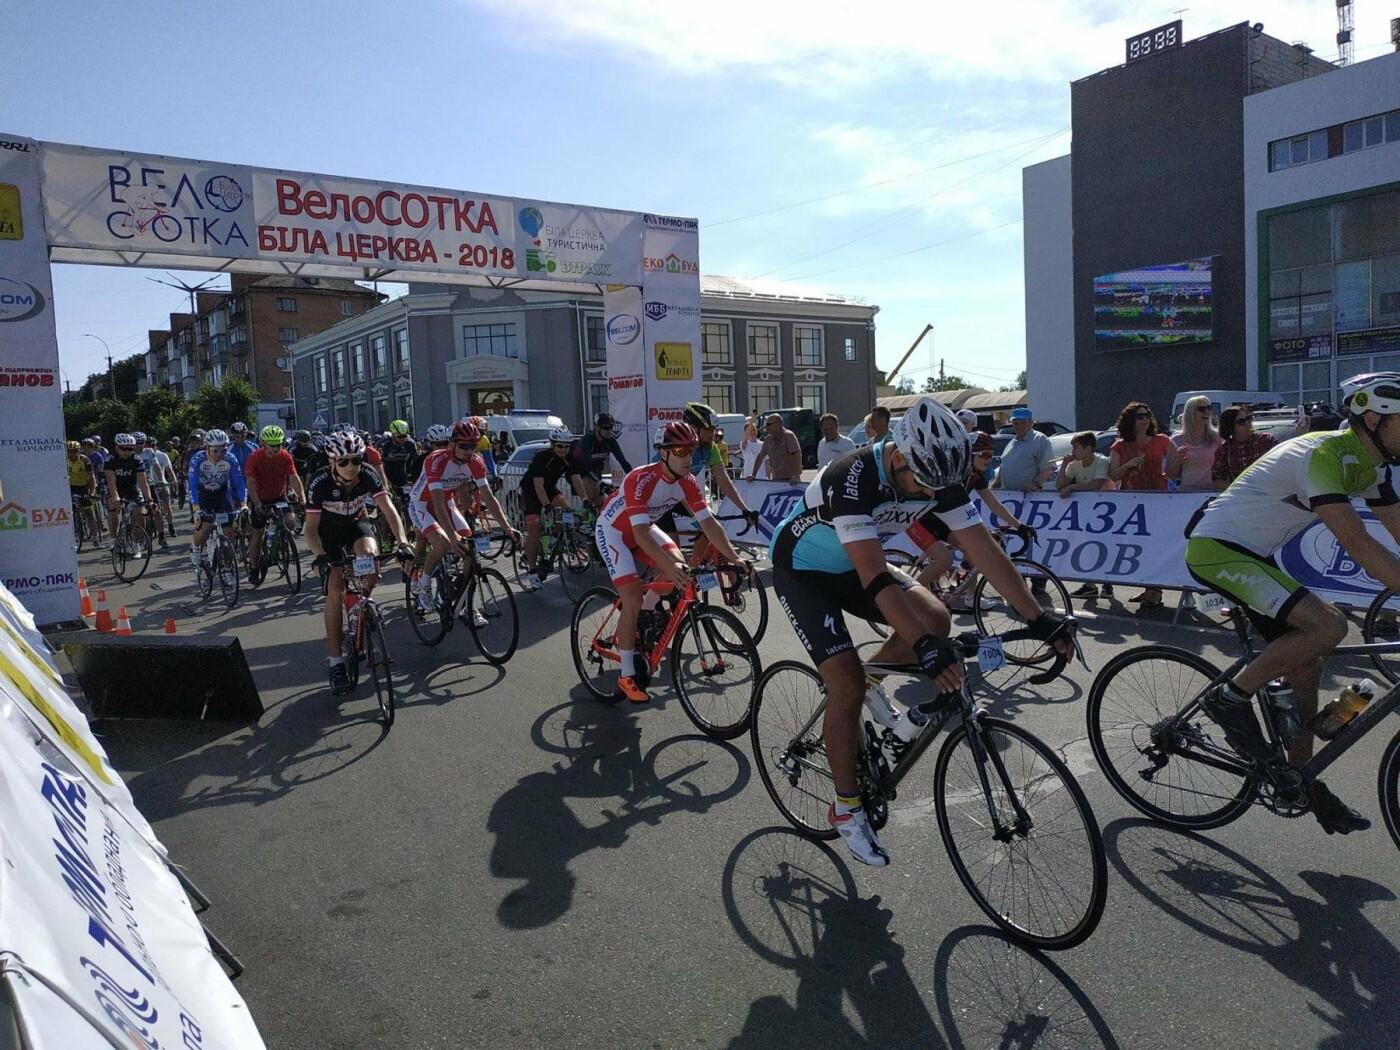 У Білій Церкві відбулися міжнародні велозмагання «ВелоСОТКА Біла Церква – 2018», фото-11